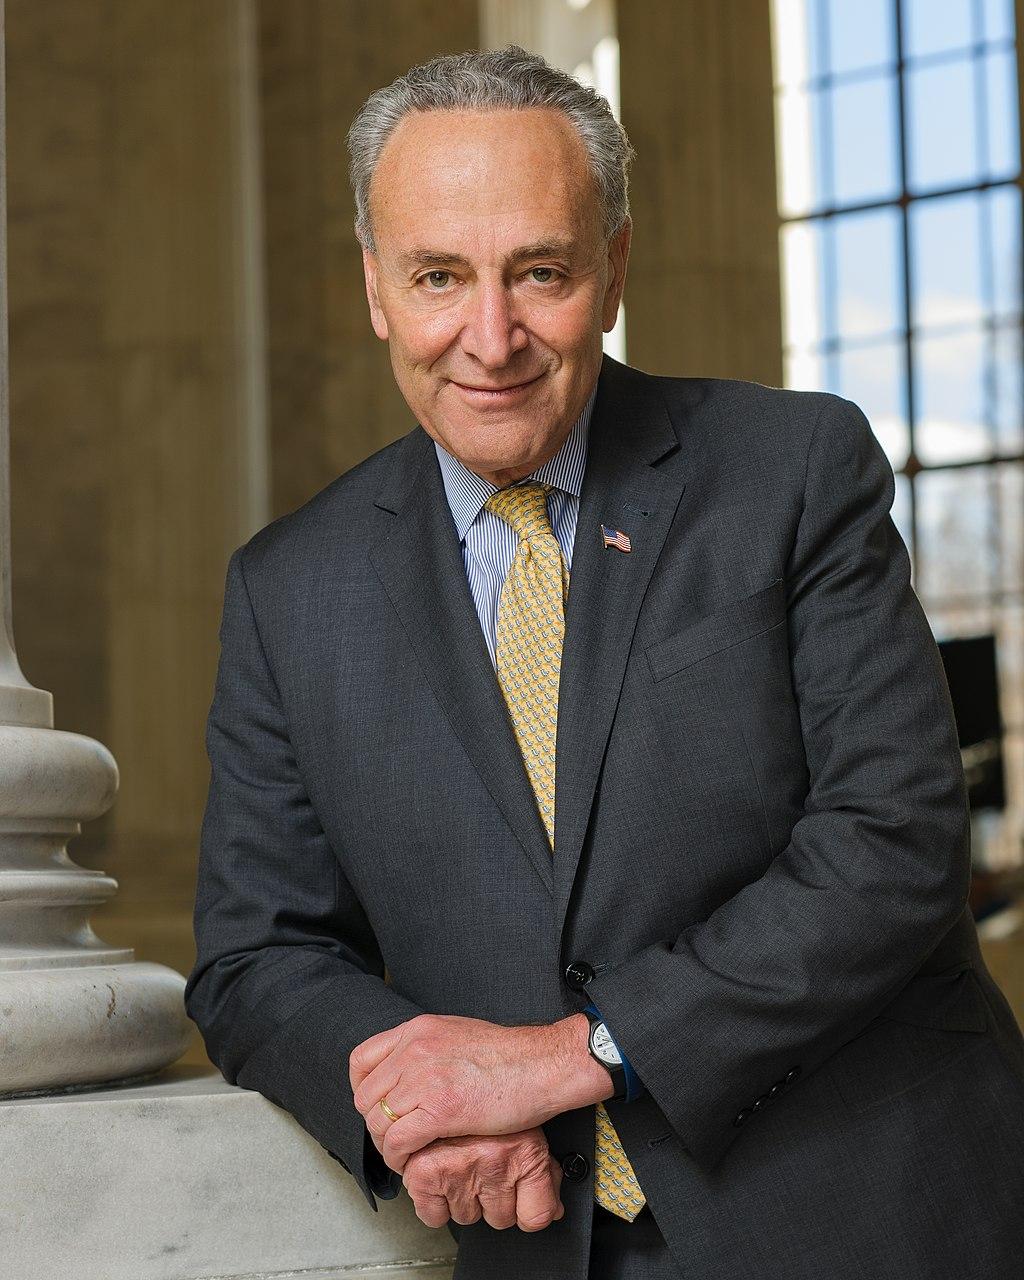 U.S. Senator Charles E. Schumer